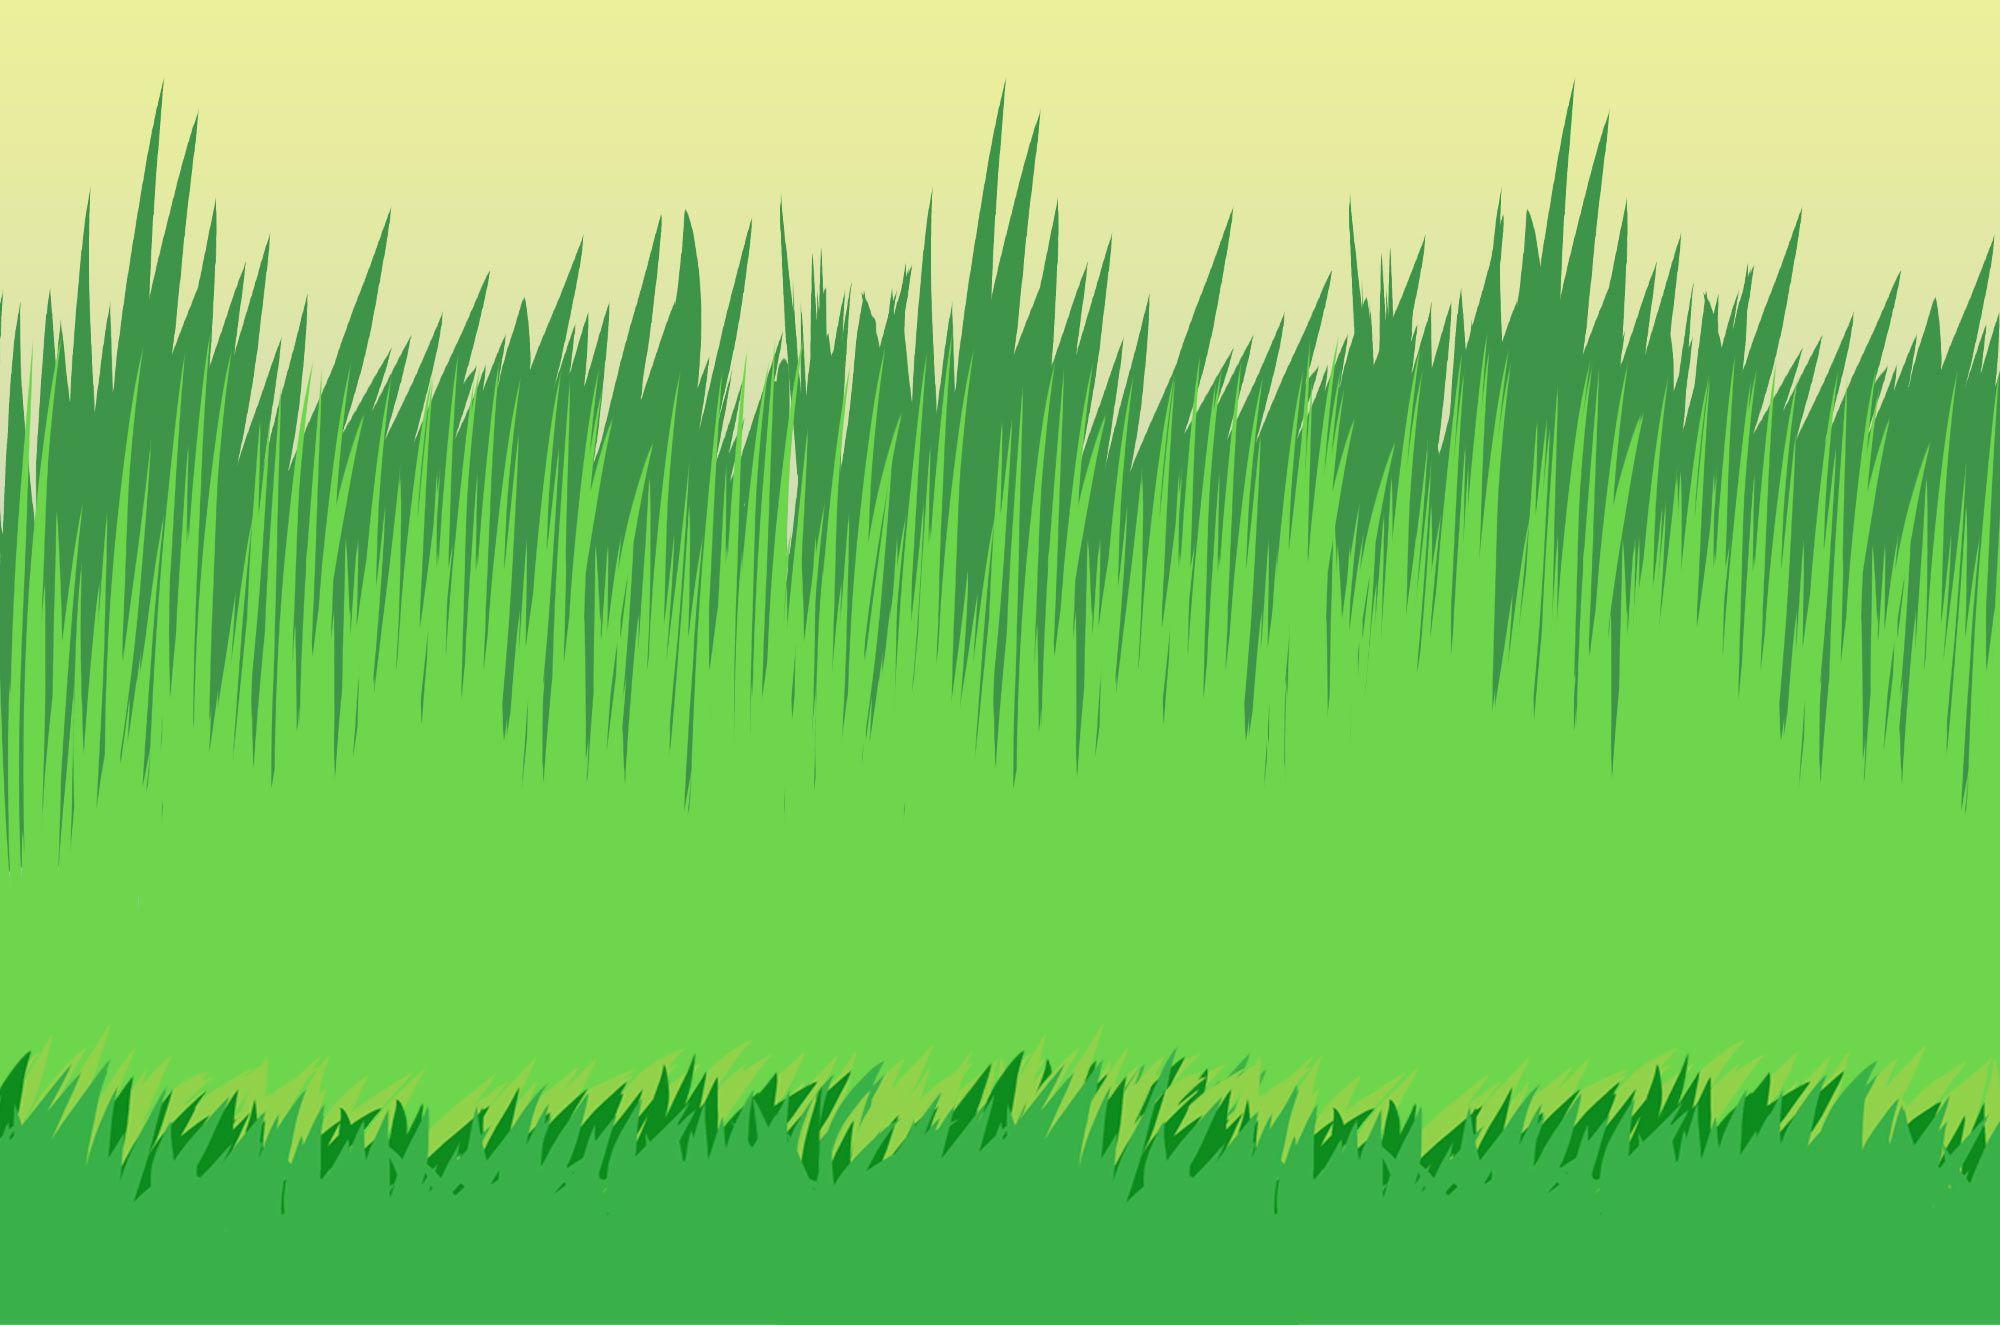 草イラスト 可愛い草のイラスト素材自然の背景に昆虫イラスト